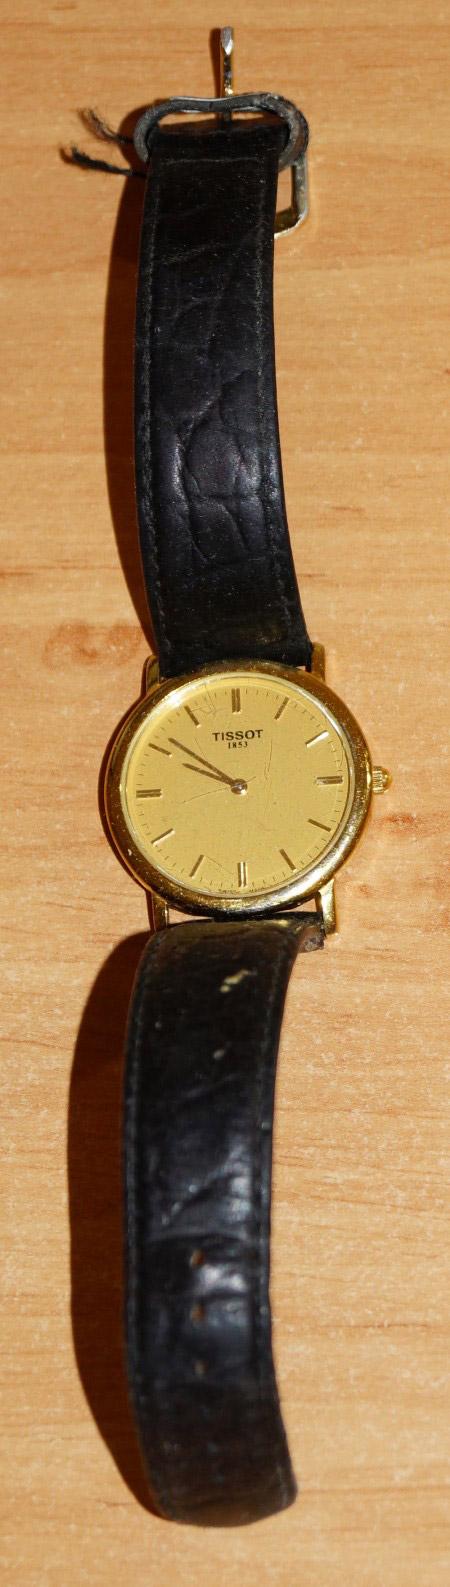 Tissot - Herren - Armbanduhr - 1000.jpg